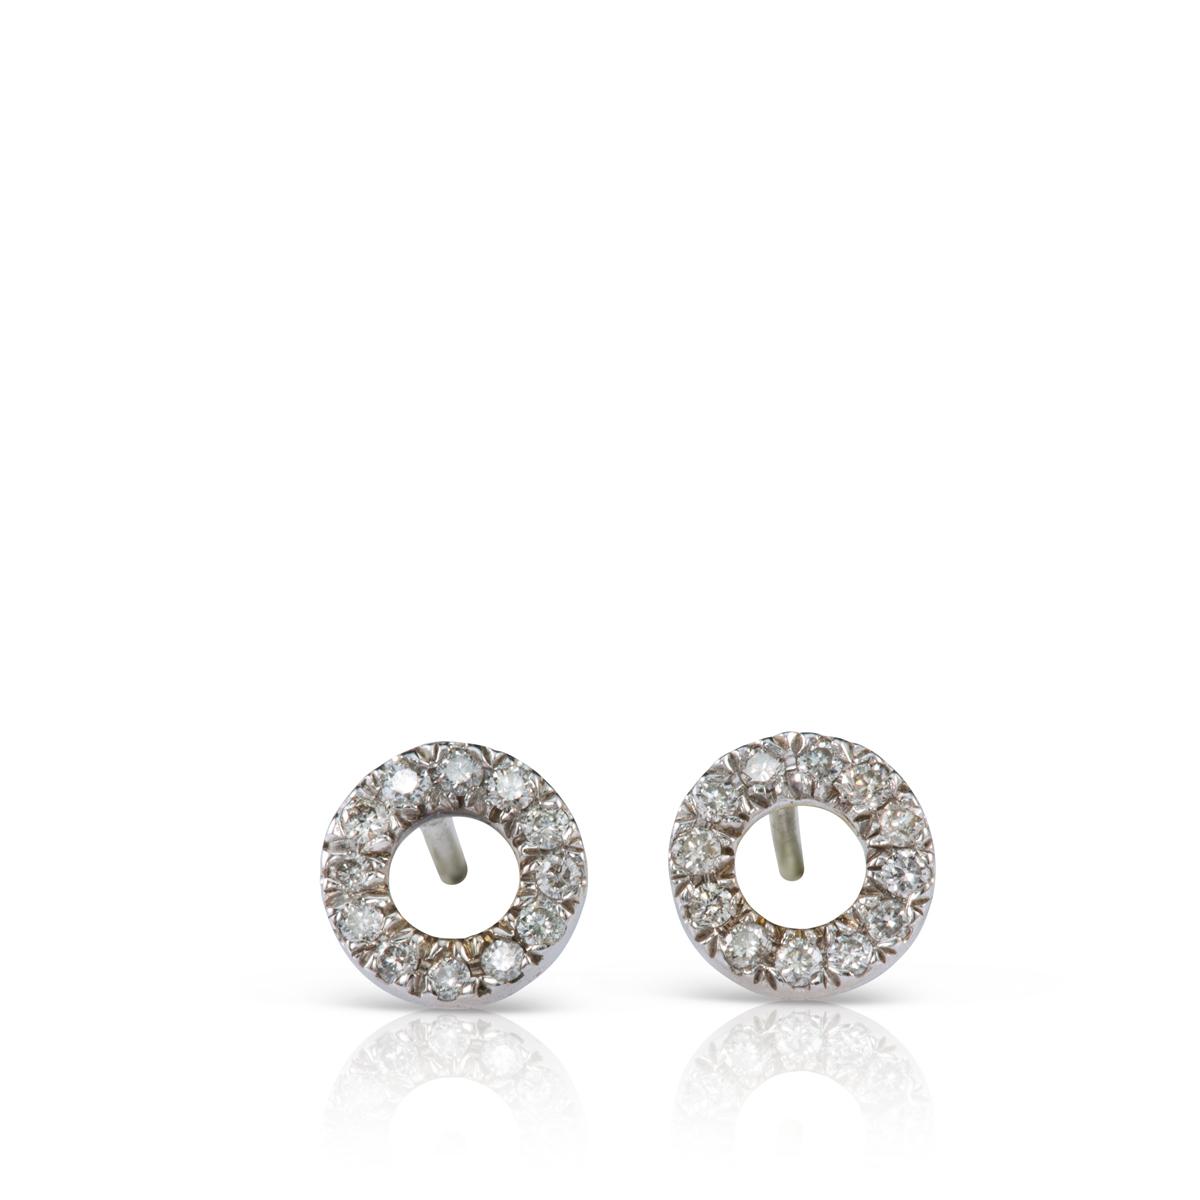 עגילי יהלומים צמודים בצורת עיגול